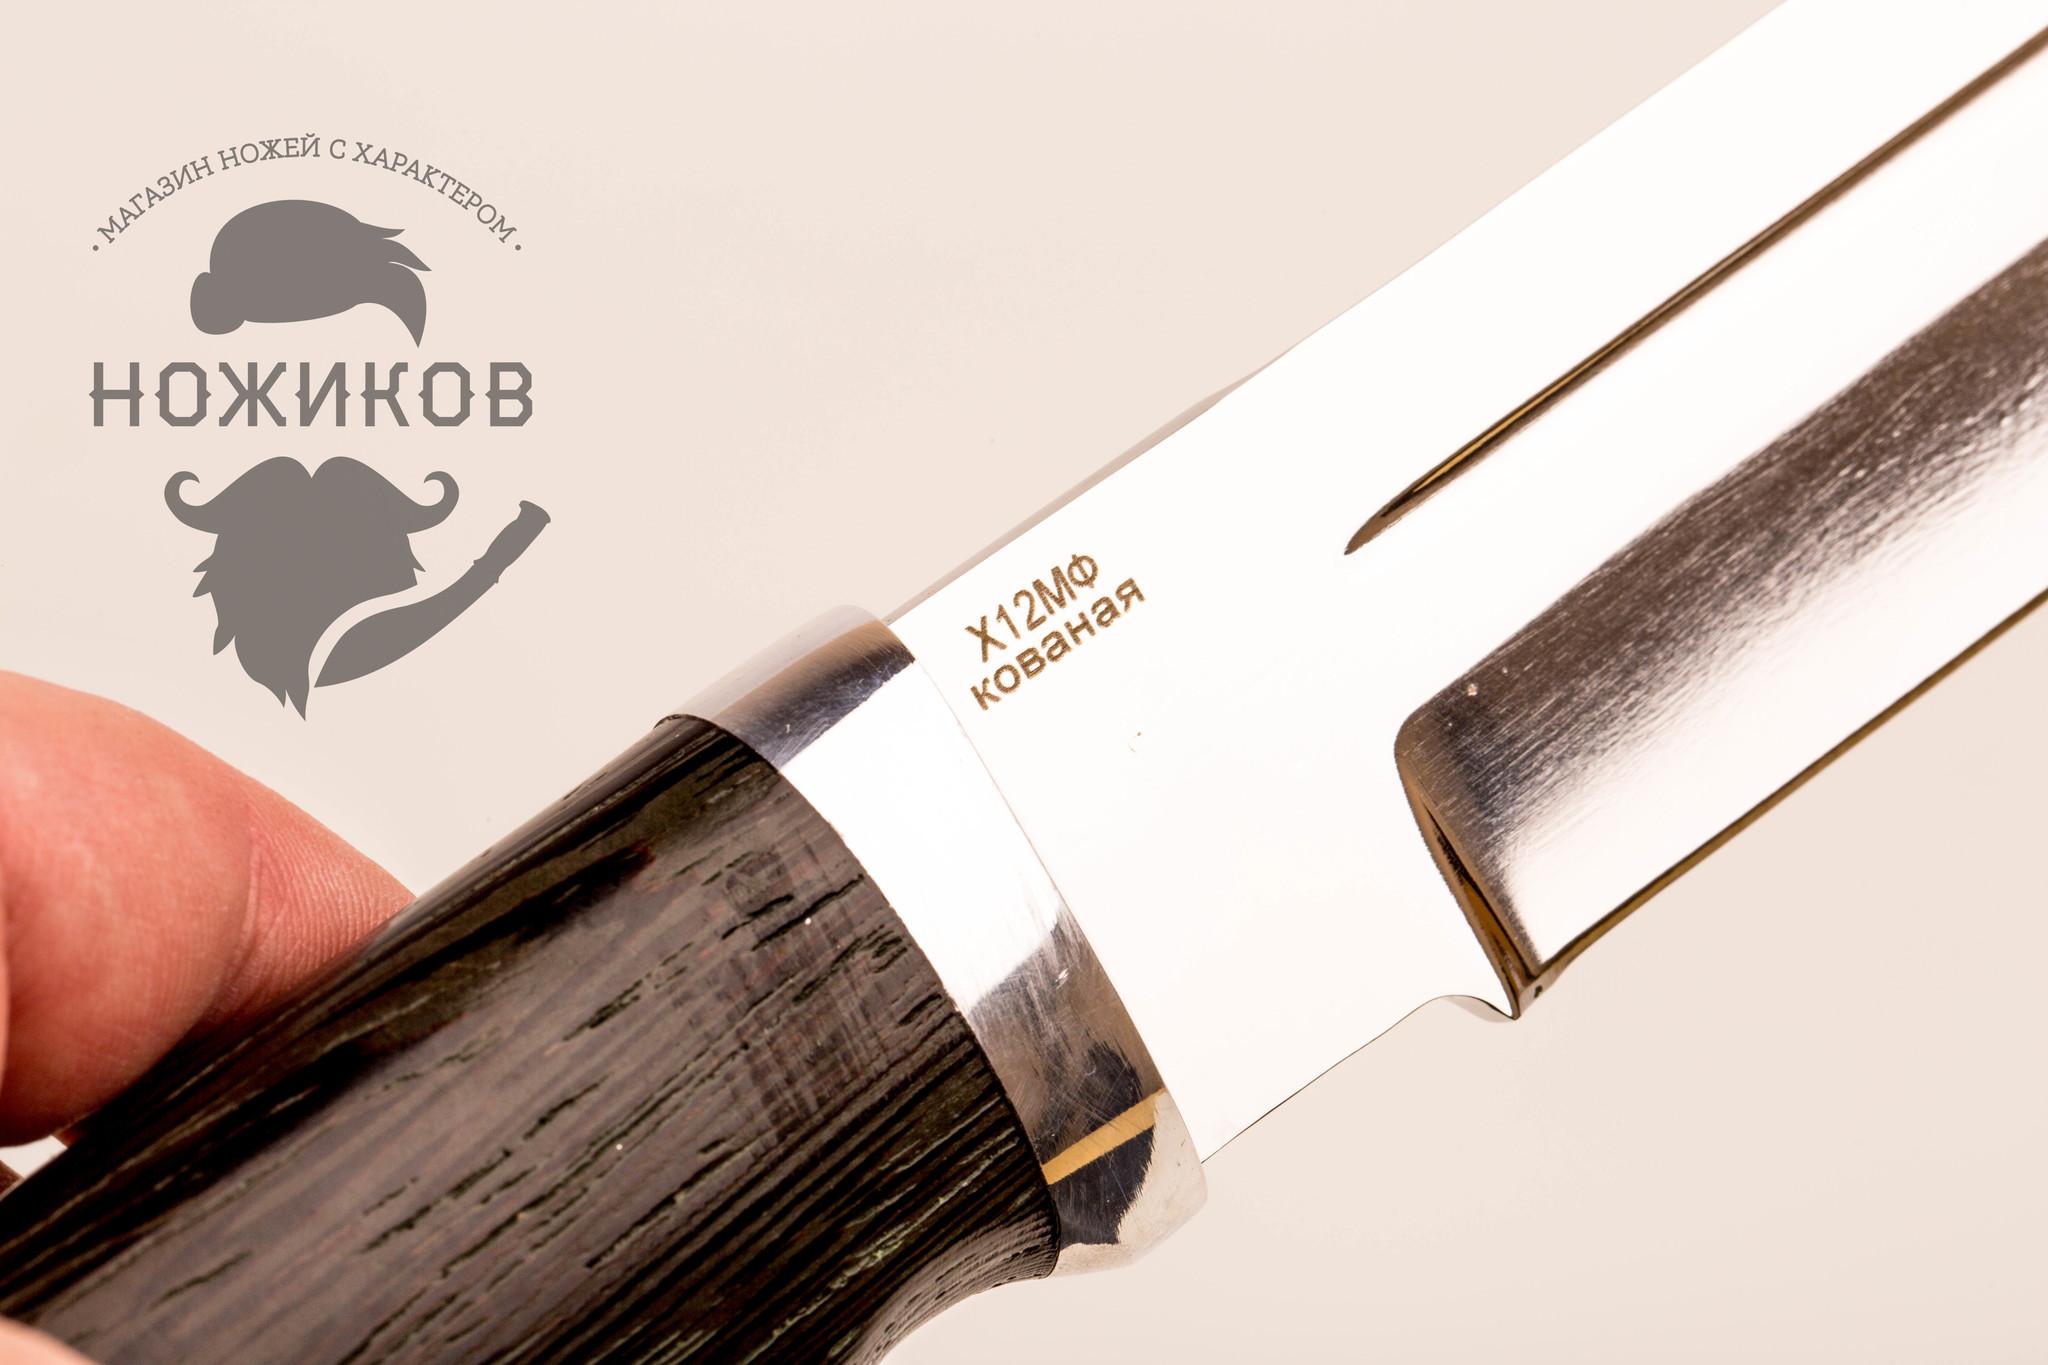 Фото 9 - Нож Тайга от Павловские ножи